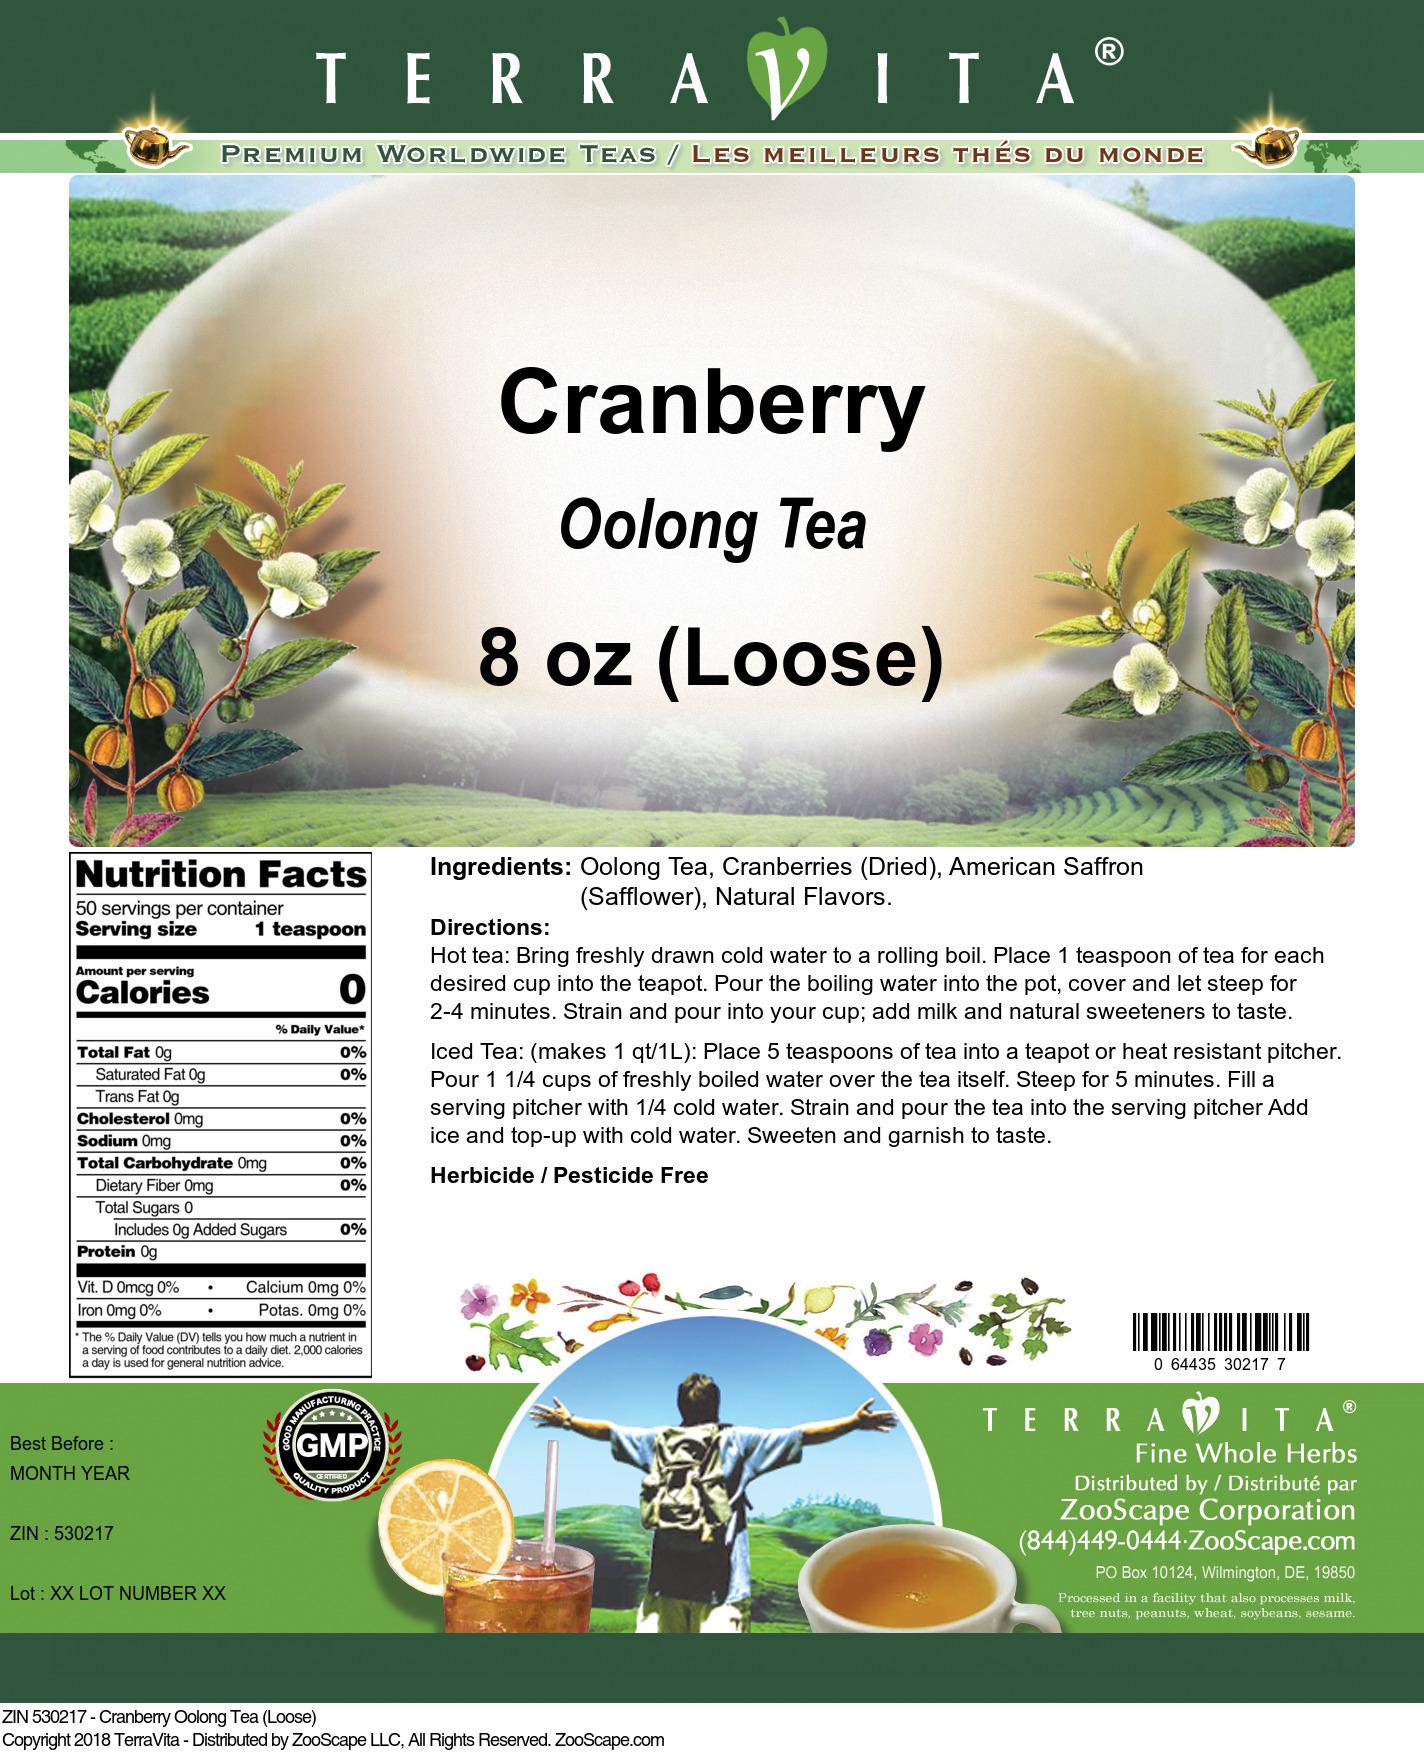 Cranberry Oolong Tea